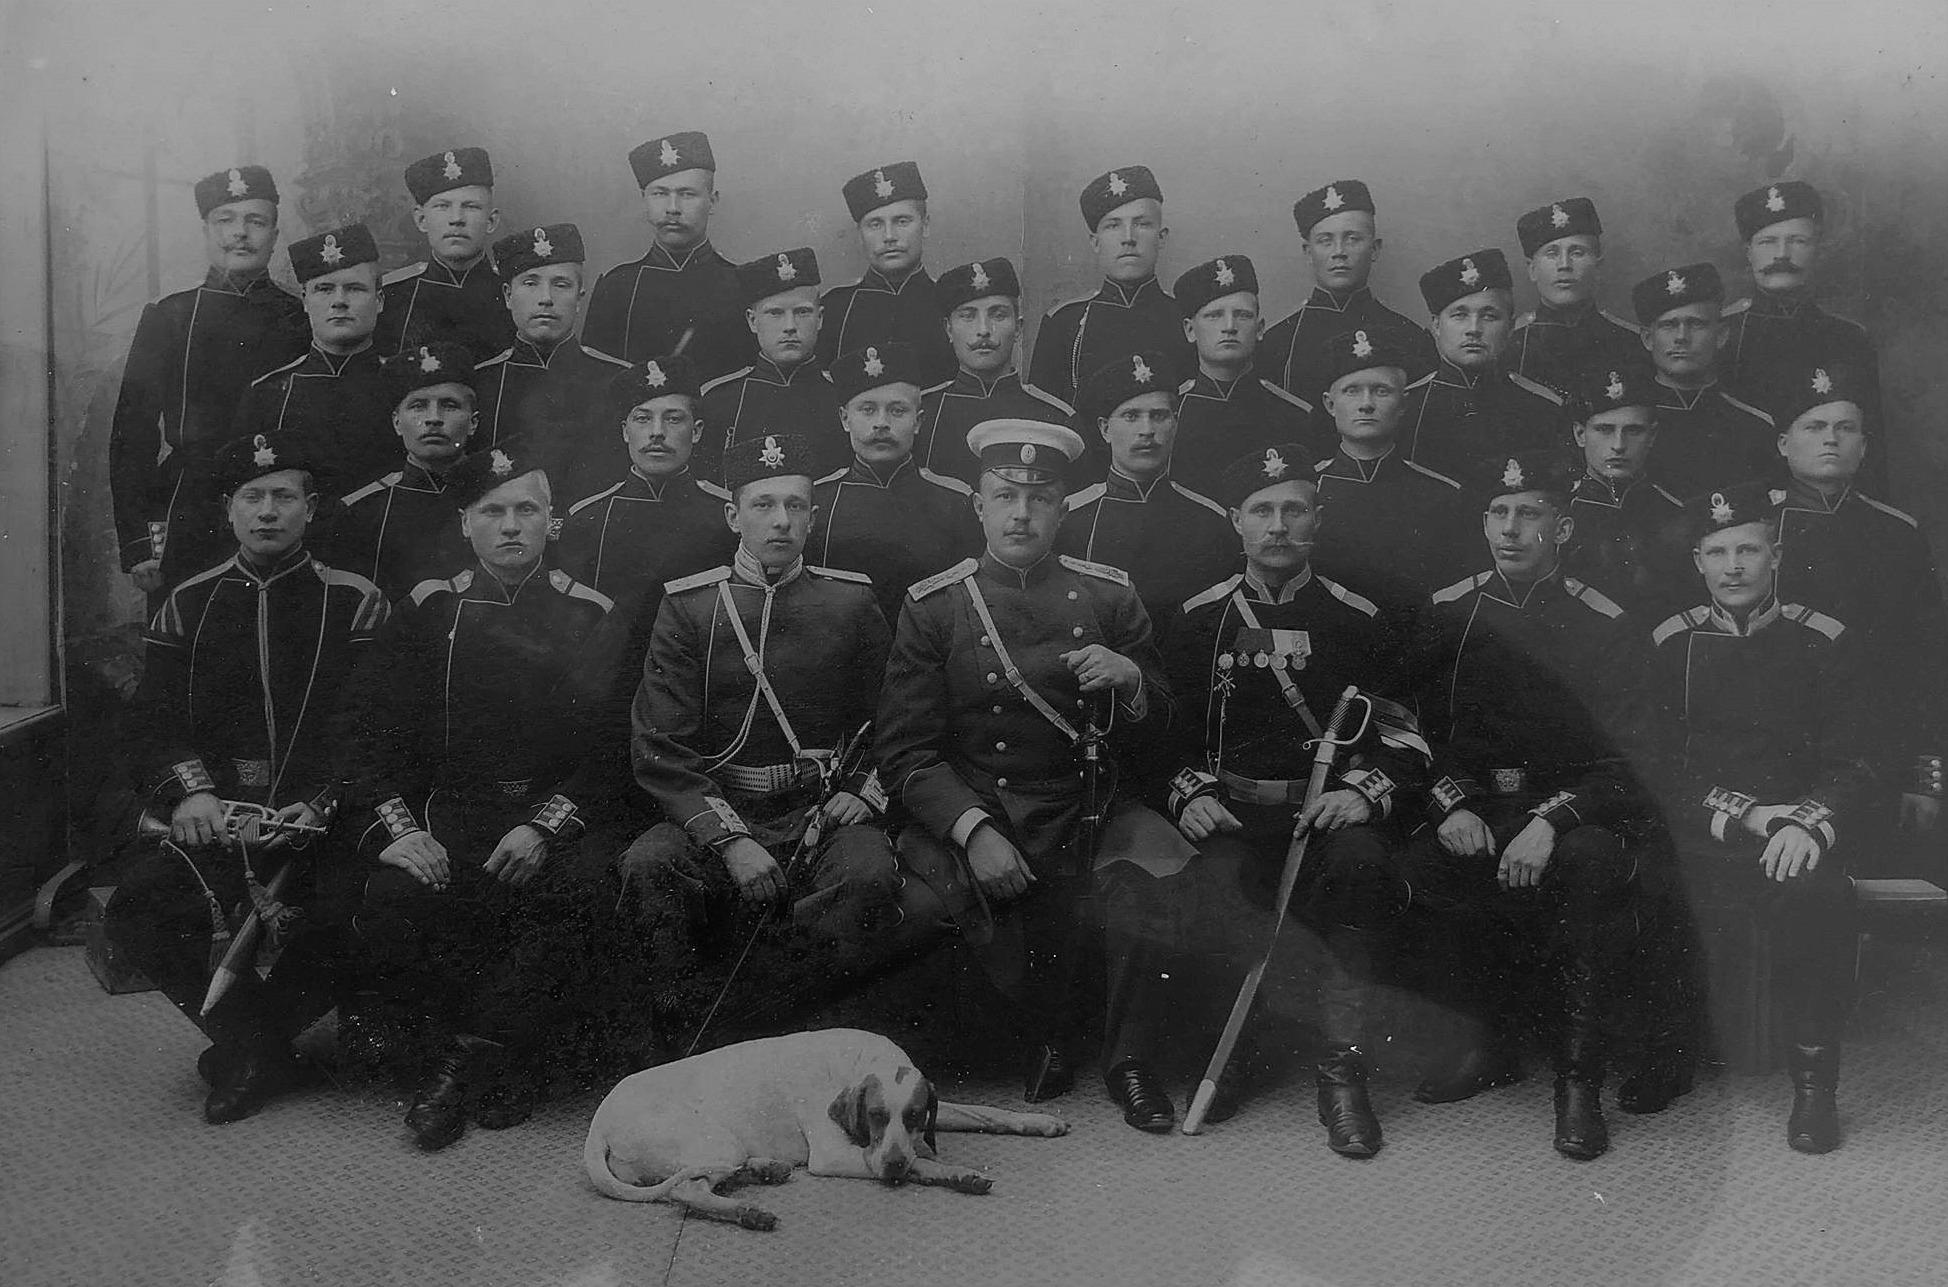 """Trots att den finska militären upplöstes år 1901, så fortsatte Det finska gardet, eller rättare sagt """"Lifgardets 3:e finska skarpskyttebataljon"""" till augusti 1906 då det upplöstes. Den har bataljonen bestod av endast 190 man och till exempel år 1904 uttogs från hela Sydösterbotten 2 man. En av dem var Valentin Rosenback, som sitter i den andra raden, andra man från vänster."""